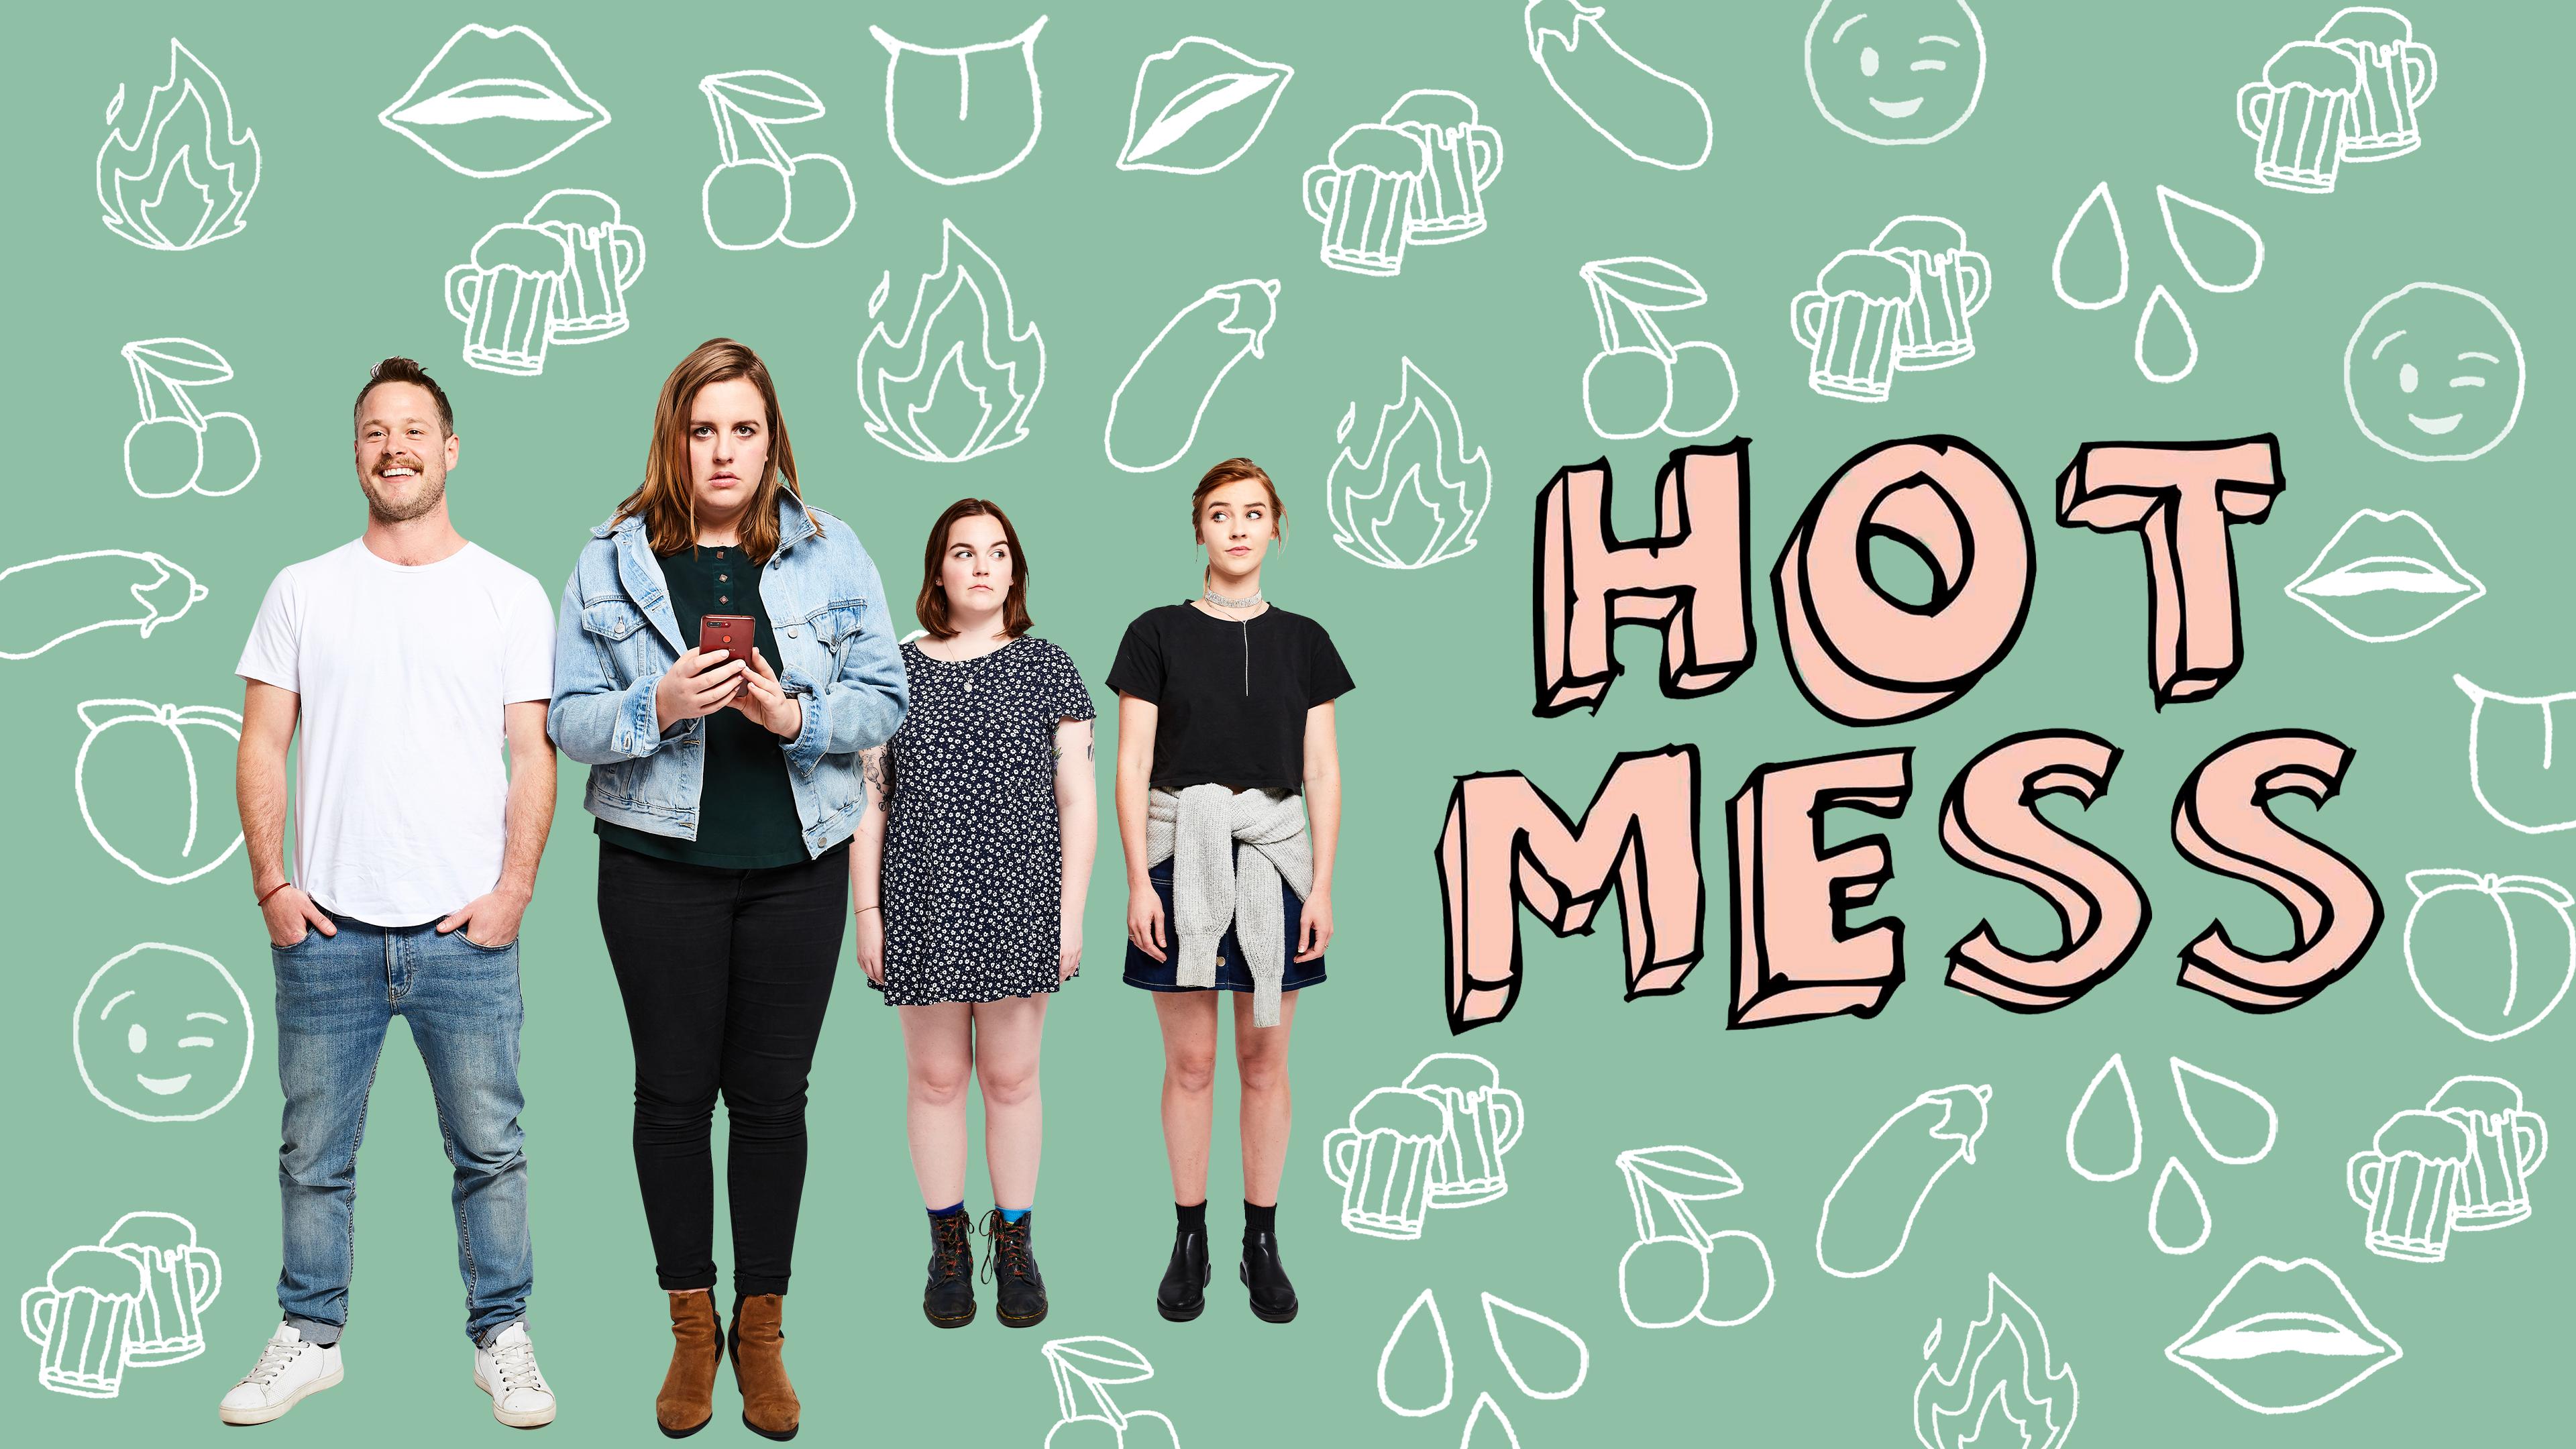 Hot Mess filmink Presents film